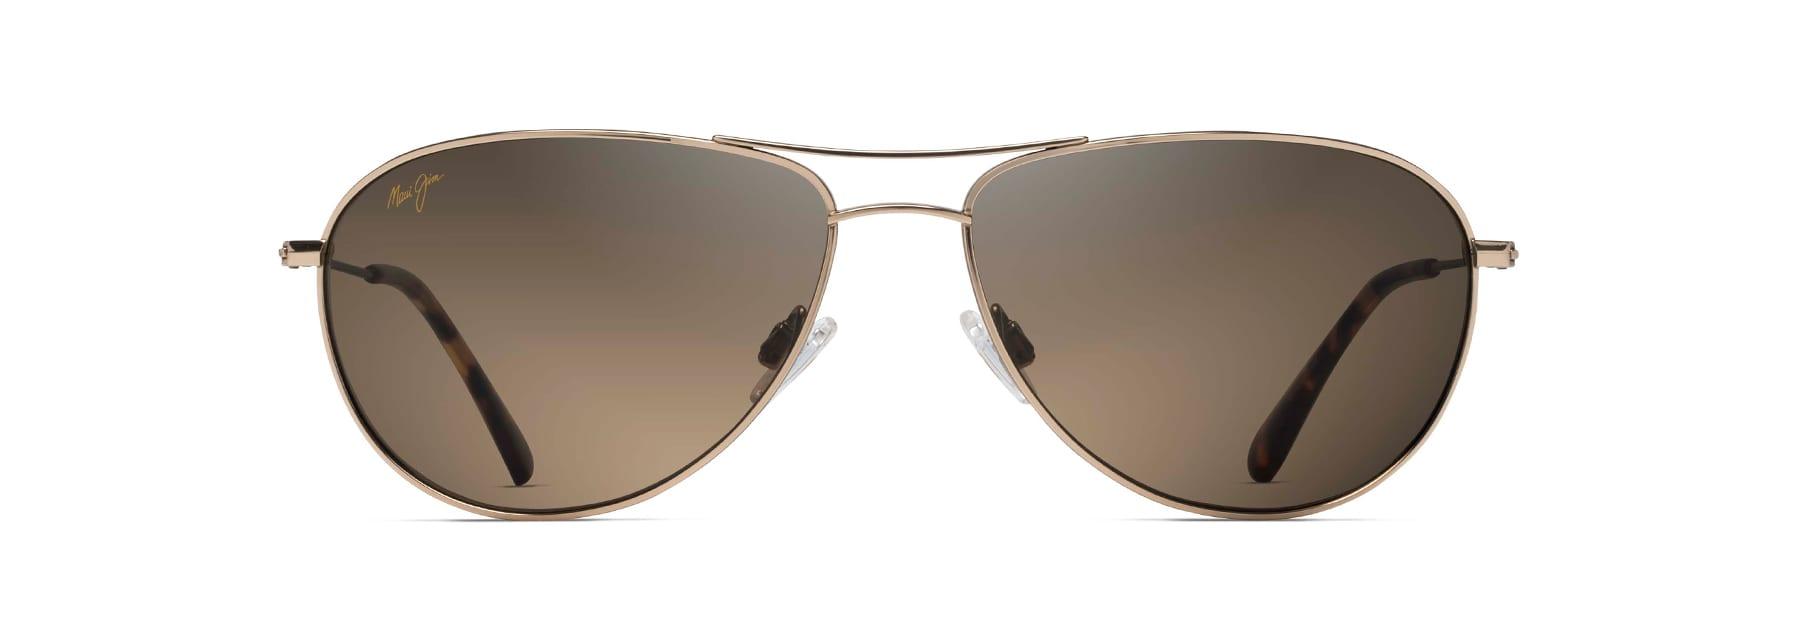 c86f978aea2bb Sea House Polarized Sunglasses